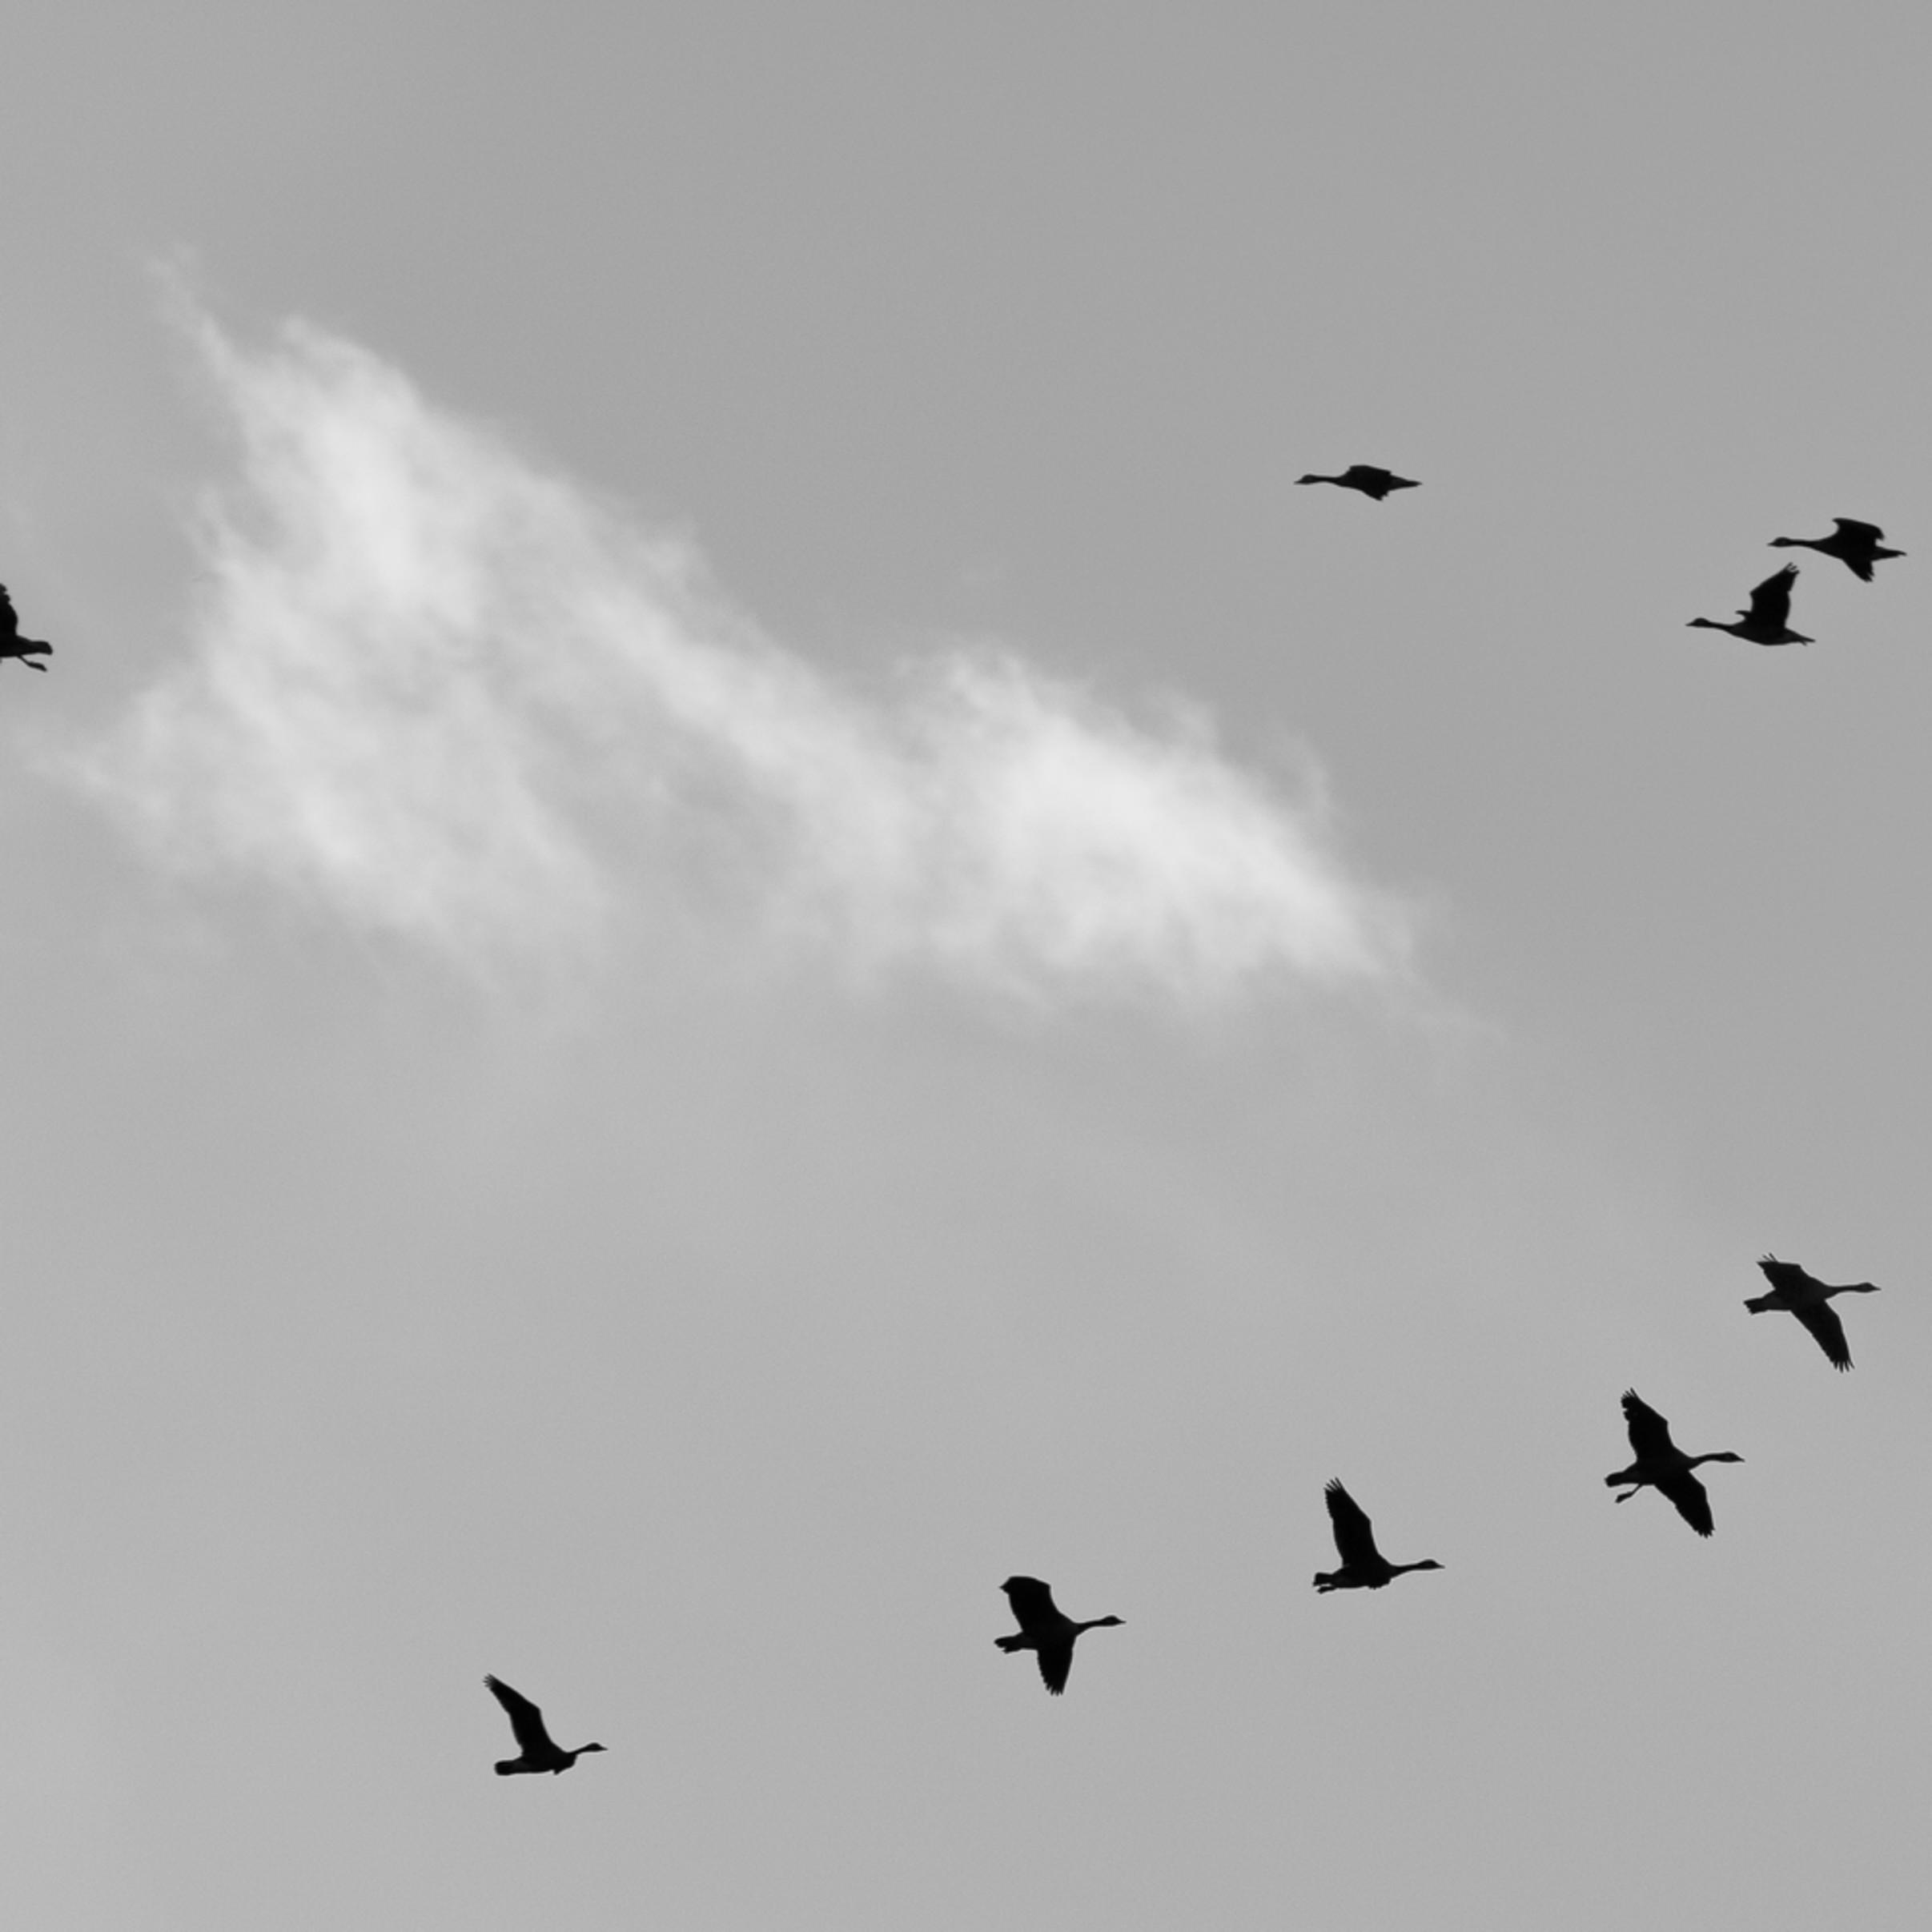 Transitions in flight eaje5m